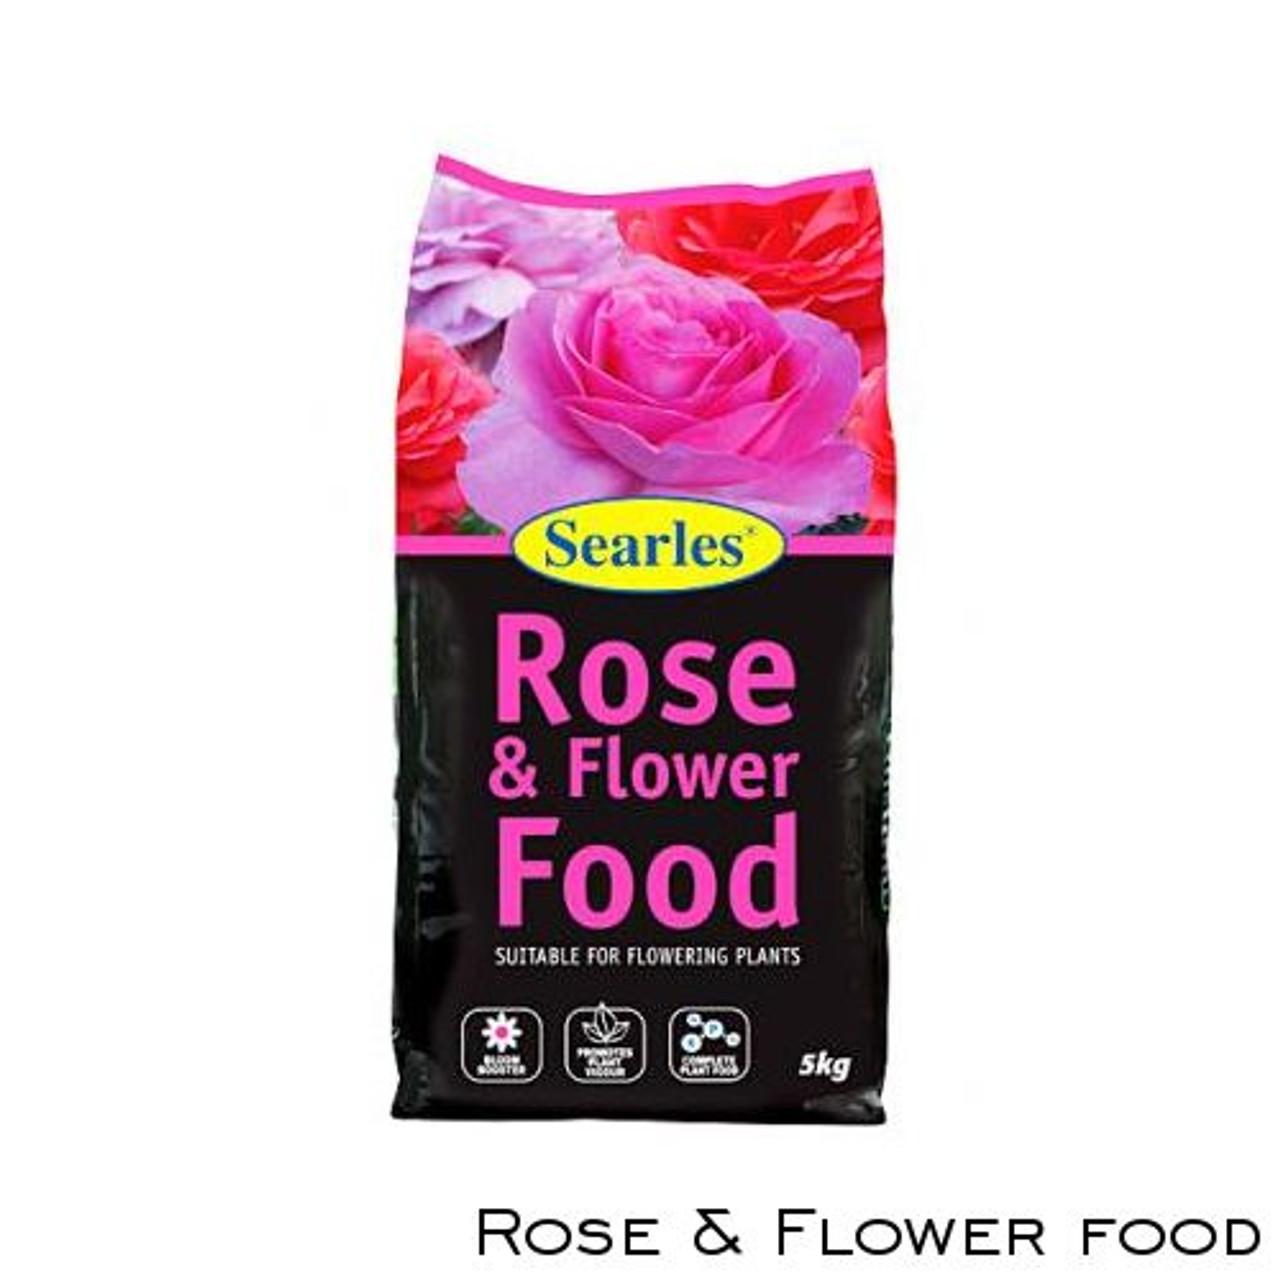 Searles Rose & Flower Food